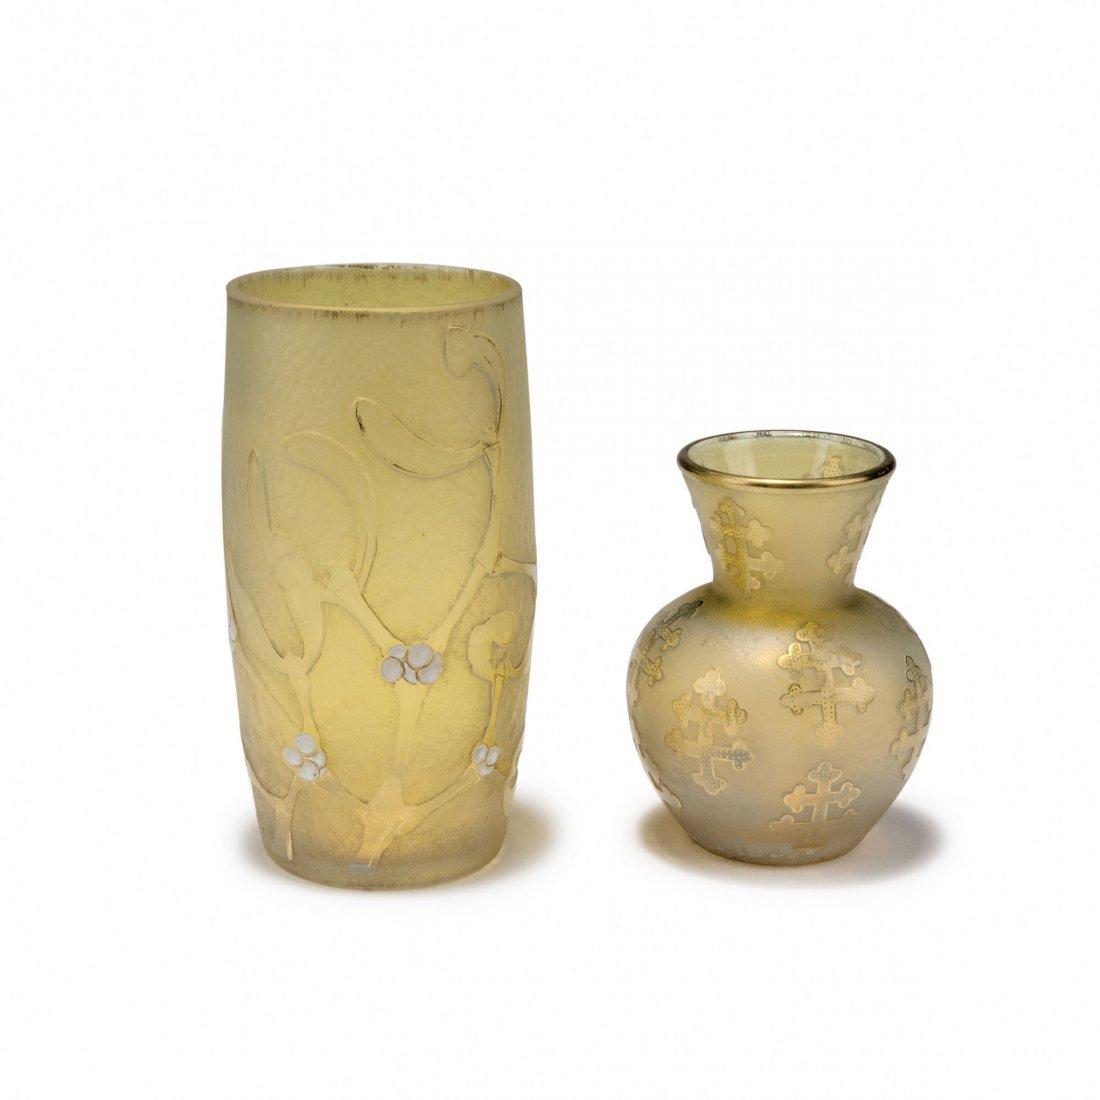 Small 'Gui' vase, c1894